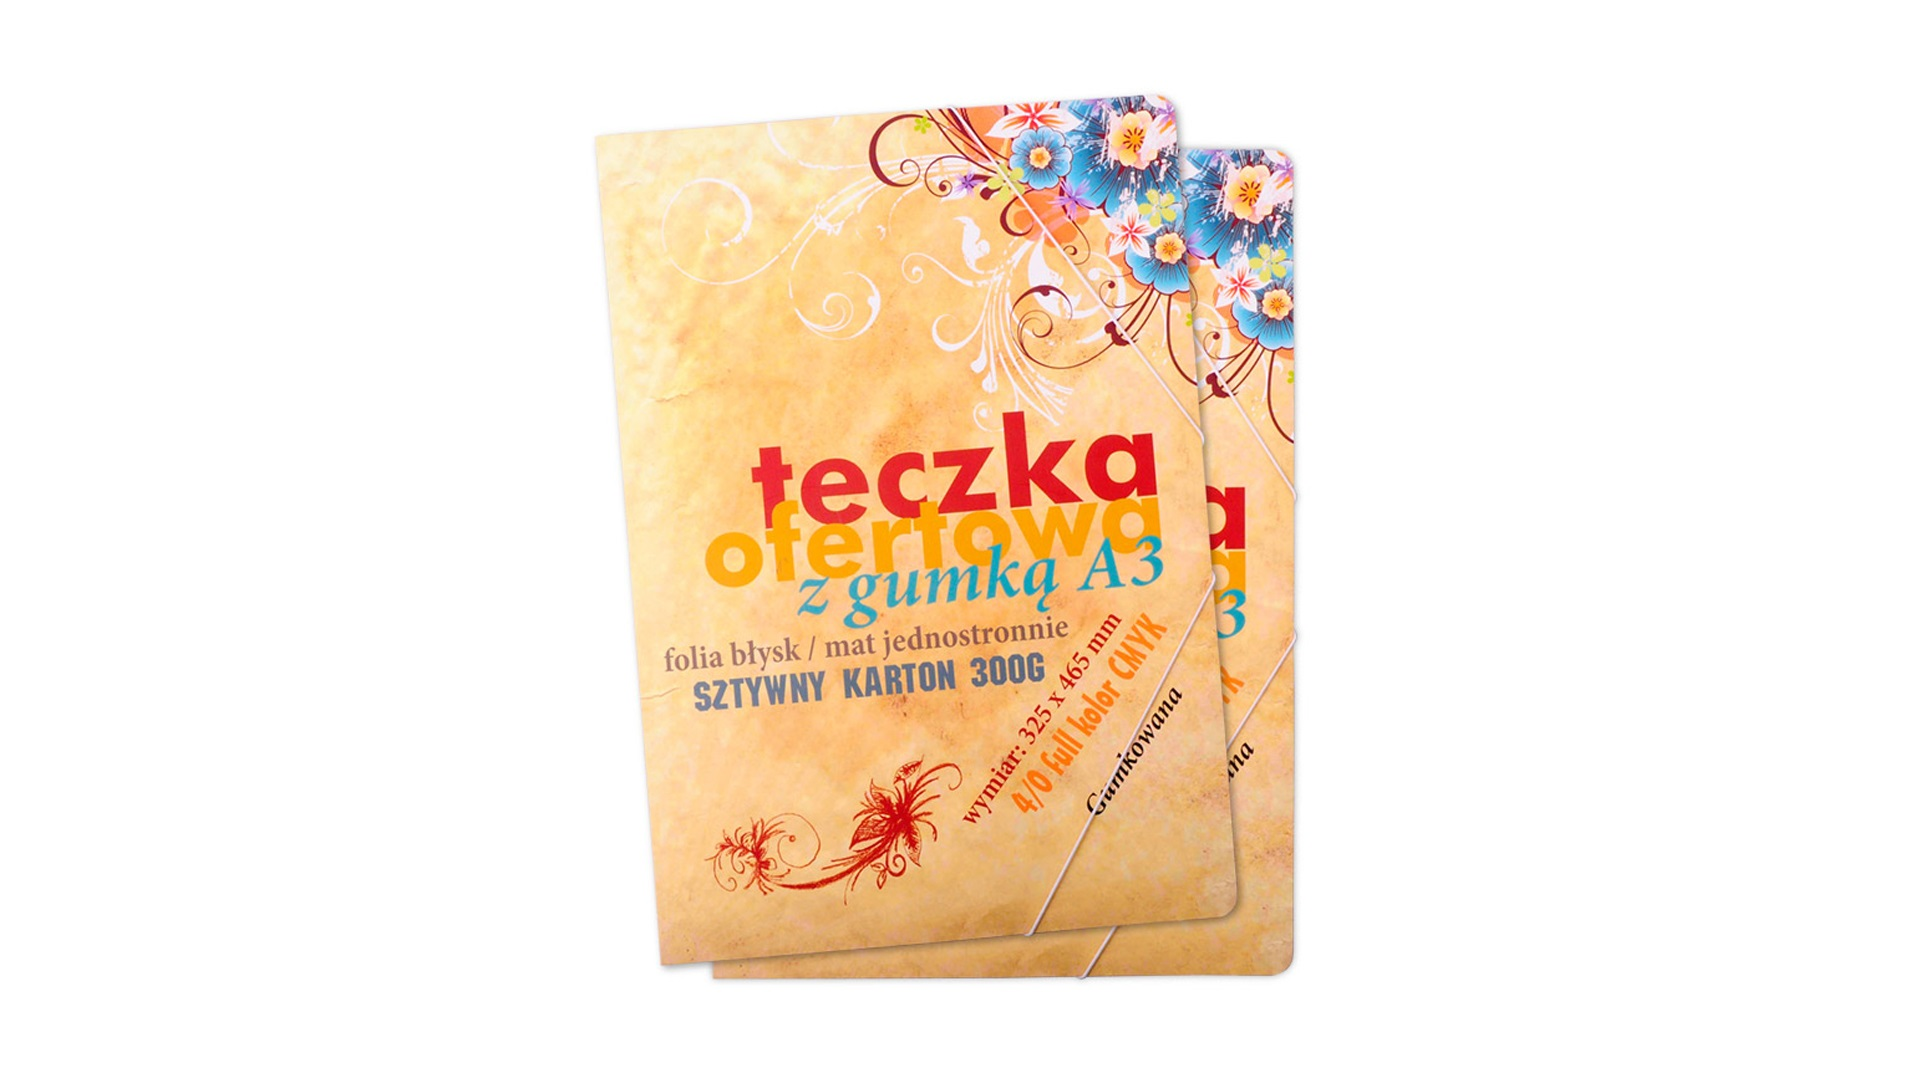 Teczka-a3-gumka